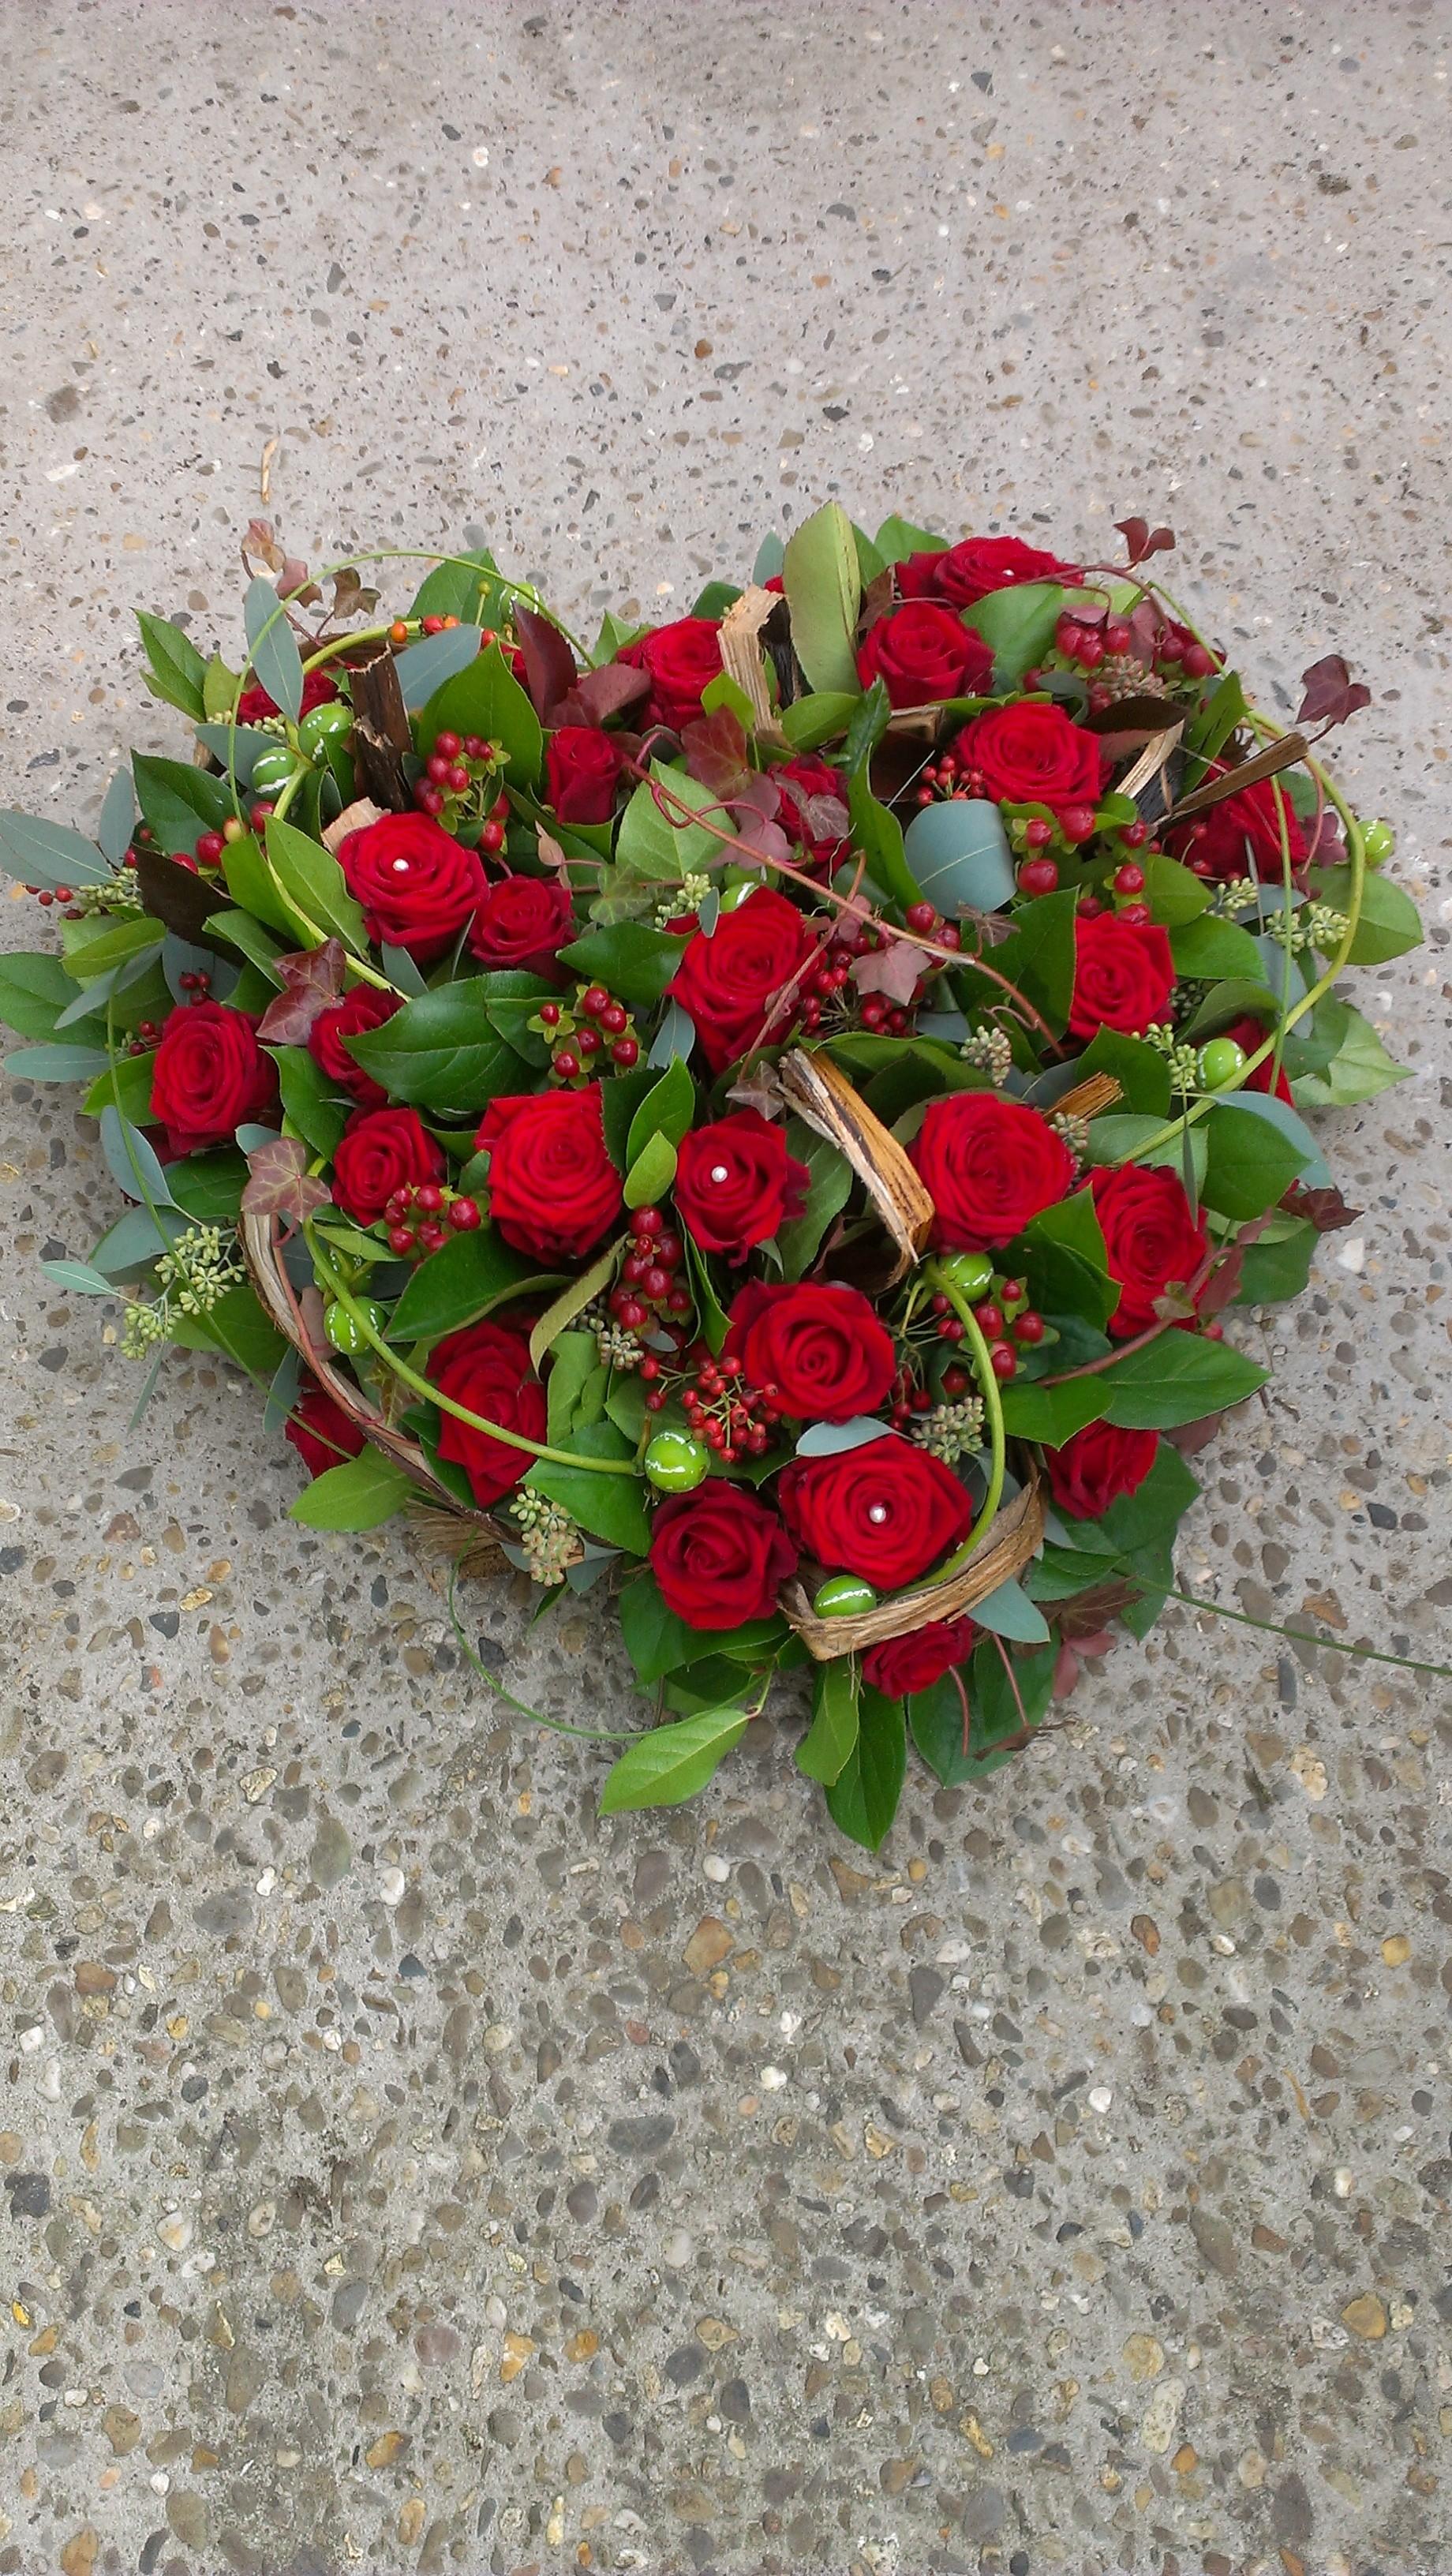 BL0 81 – Rode rozen vol hart 40 cm – € 69,50